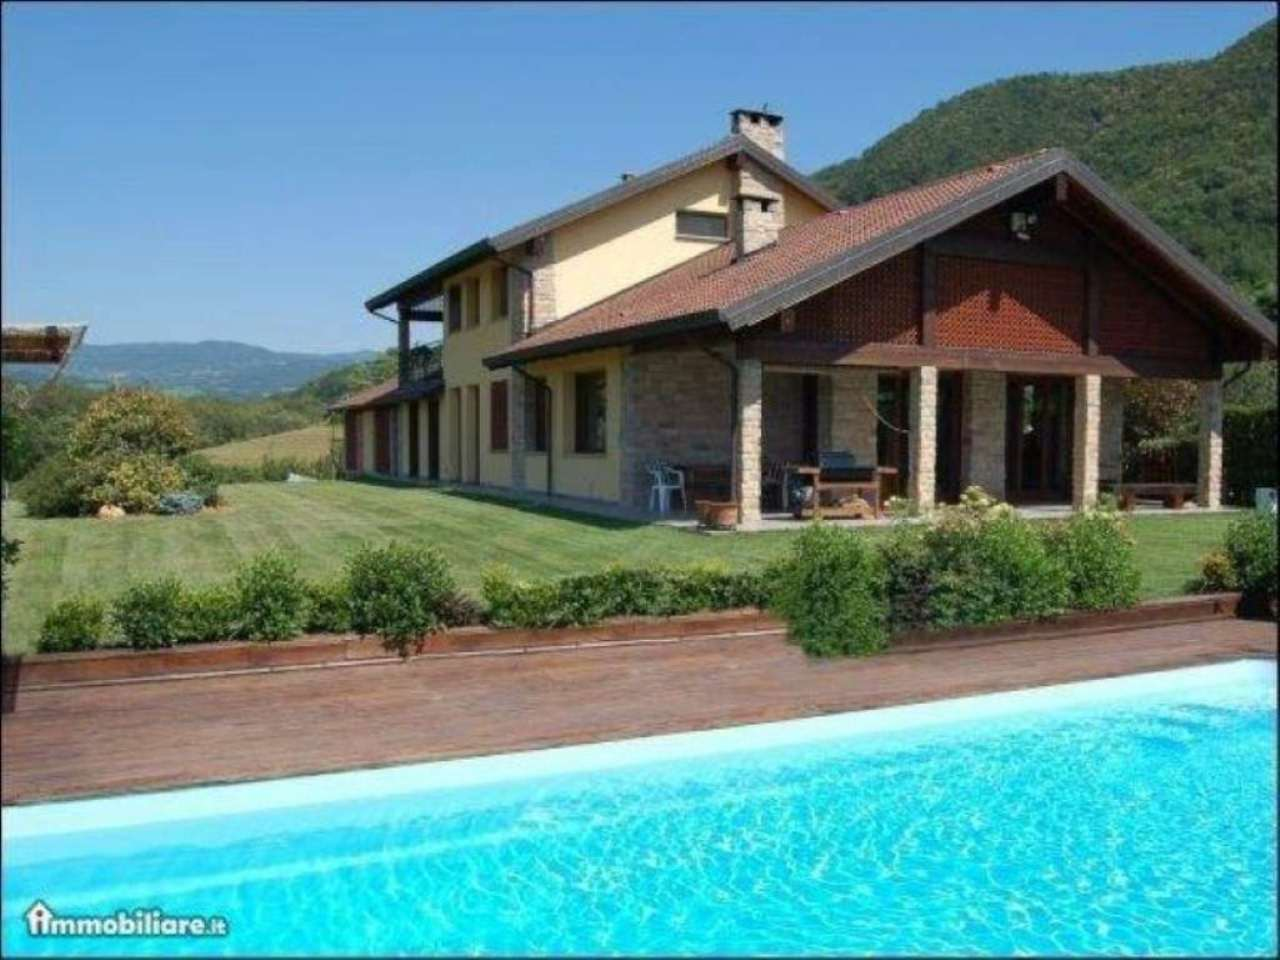 Soluzione Indipendente in vendita a Bagnaria, 8 locali, prezzo € 440.000 | Cambio Casa.it